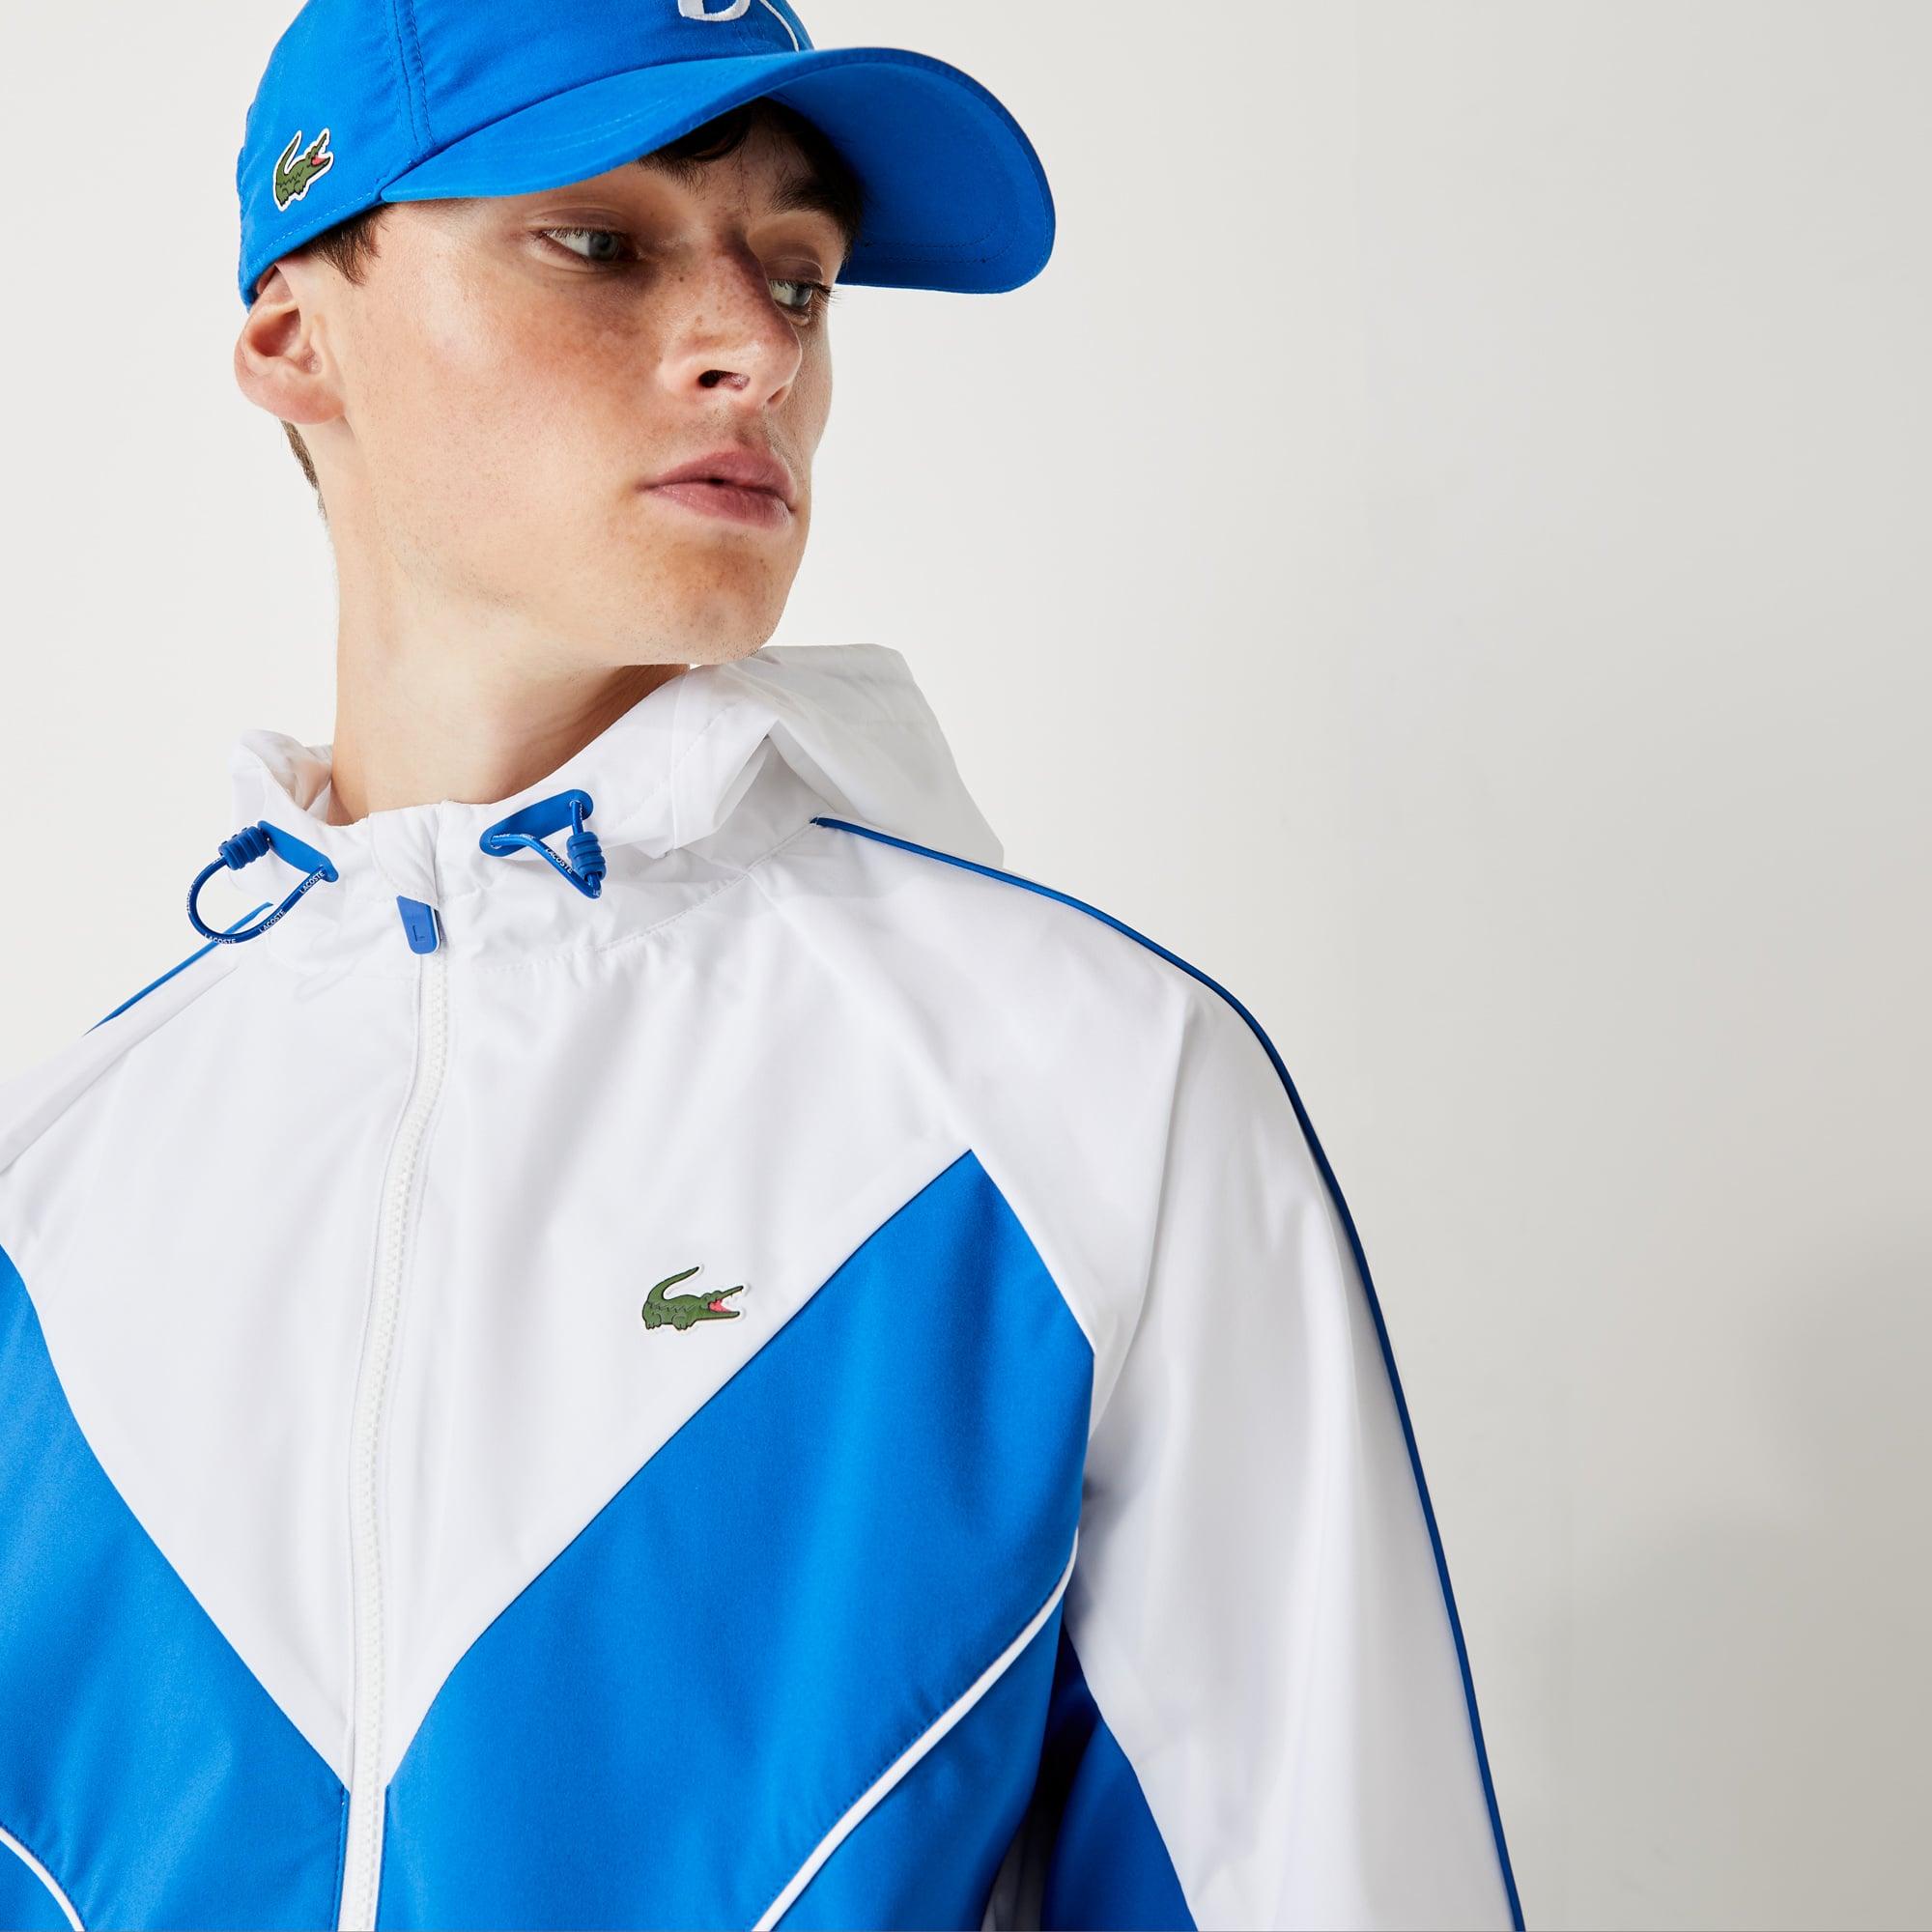 라코스테 스포츠 '노박 조코비치' 경량 바람막이 자켓 - 화이트/블루 Lacoste Mens SPORT x Novak Djokovic Lightweight Windbreaker